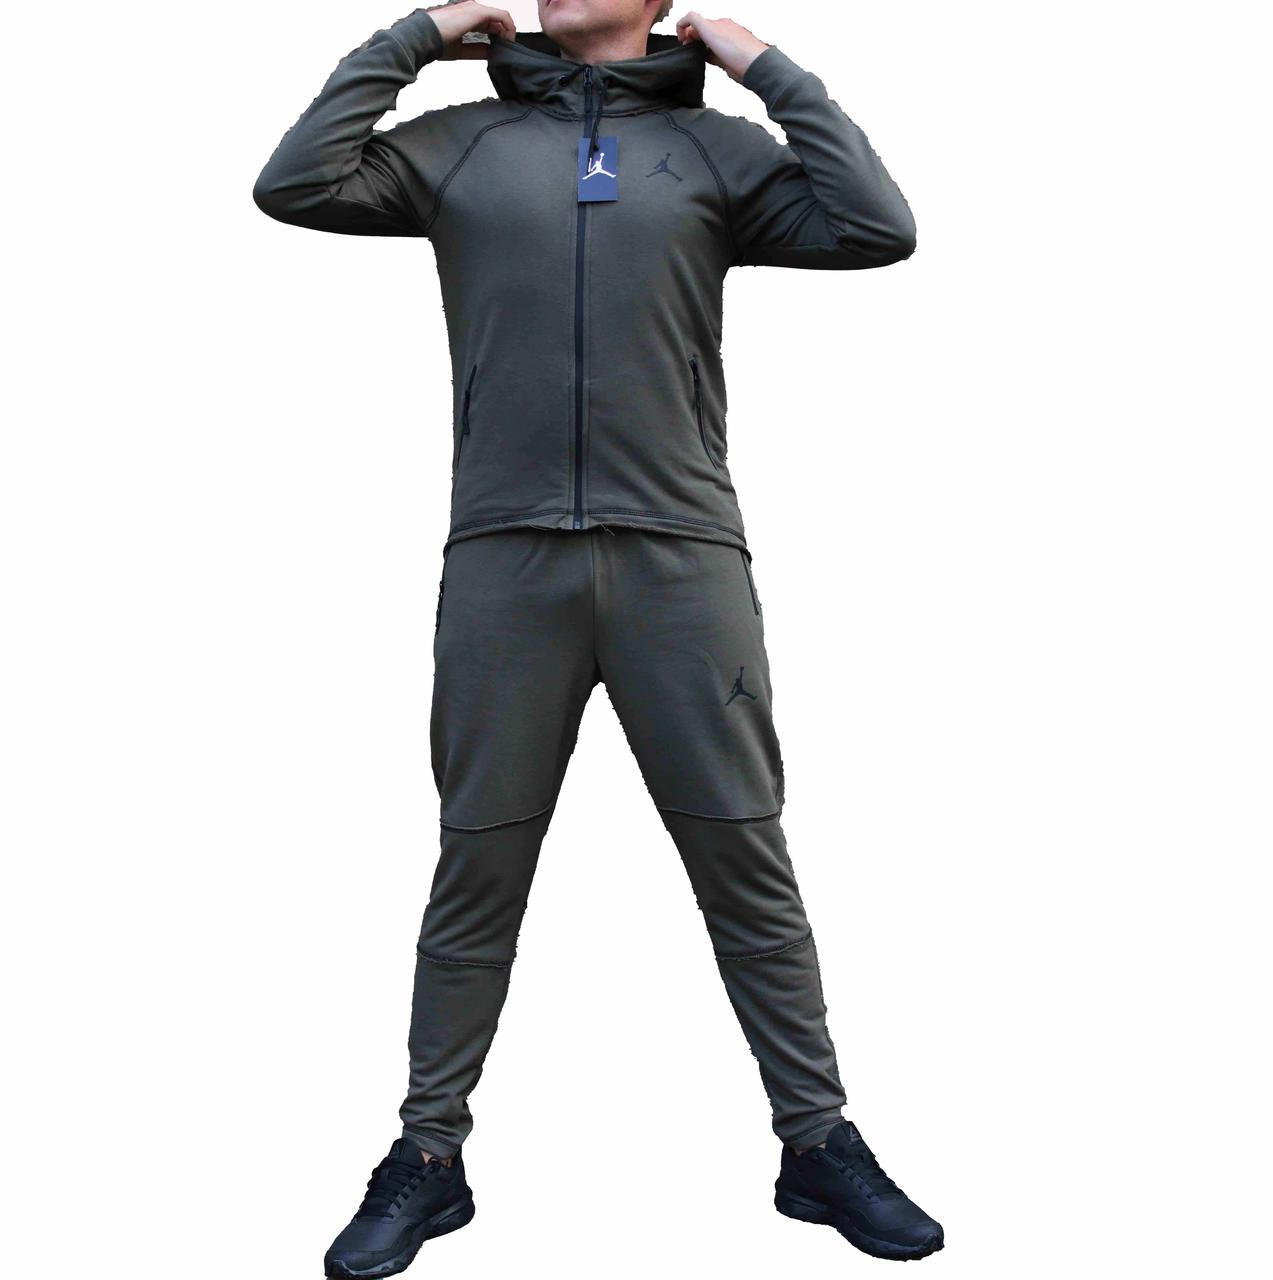 Мужской стильный трикотажный костюм Jordan с прямой курткой и штанами Хаки (Реплика)